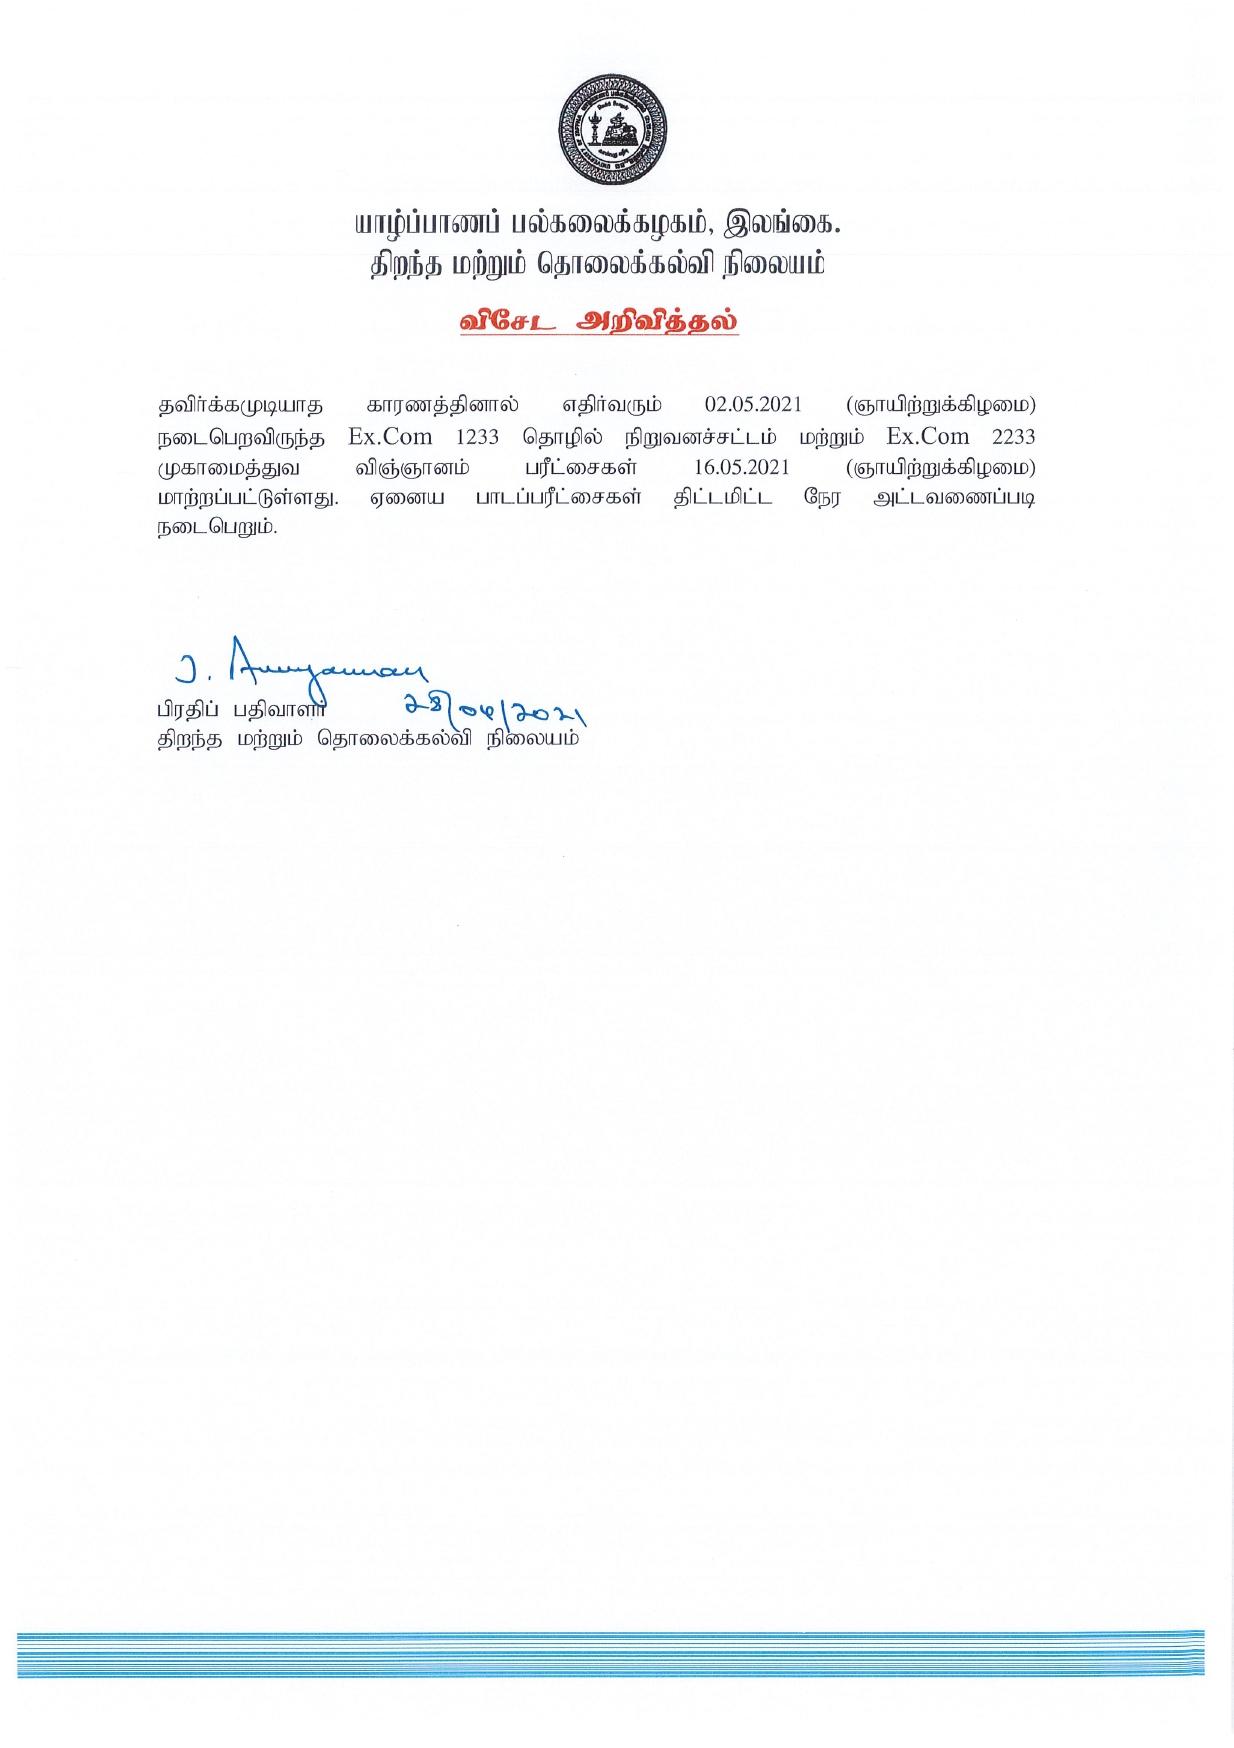 Special Notice of BCom Exam